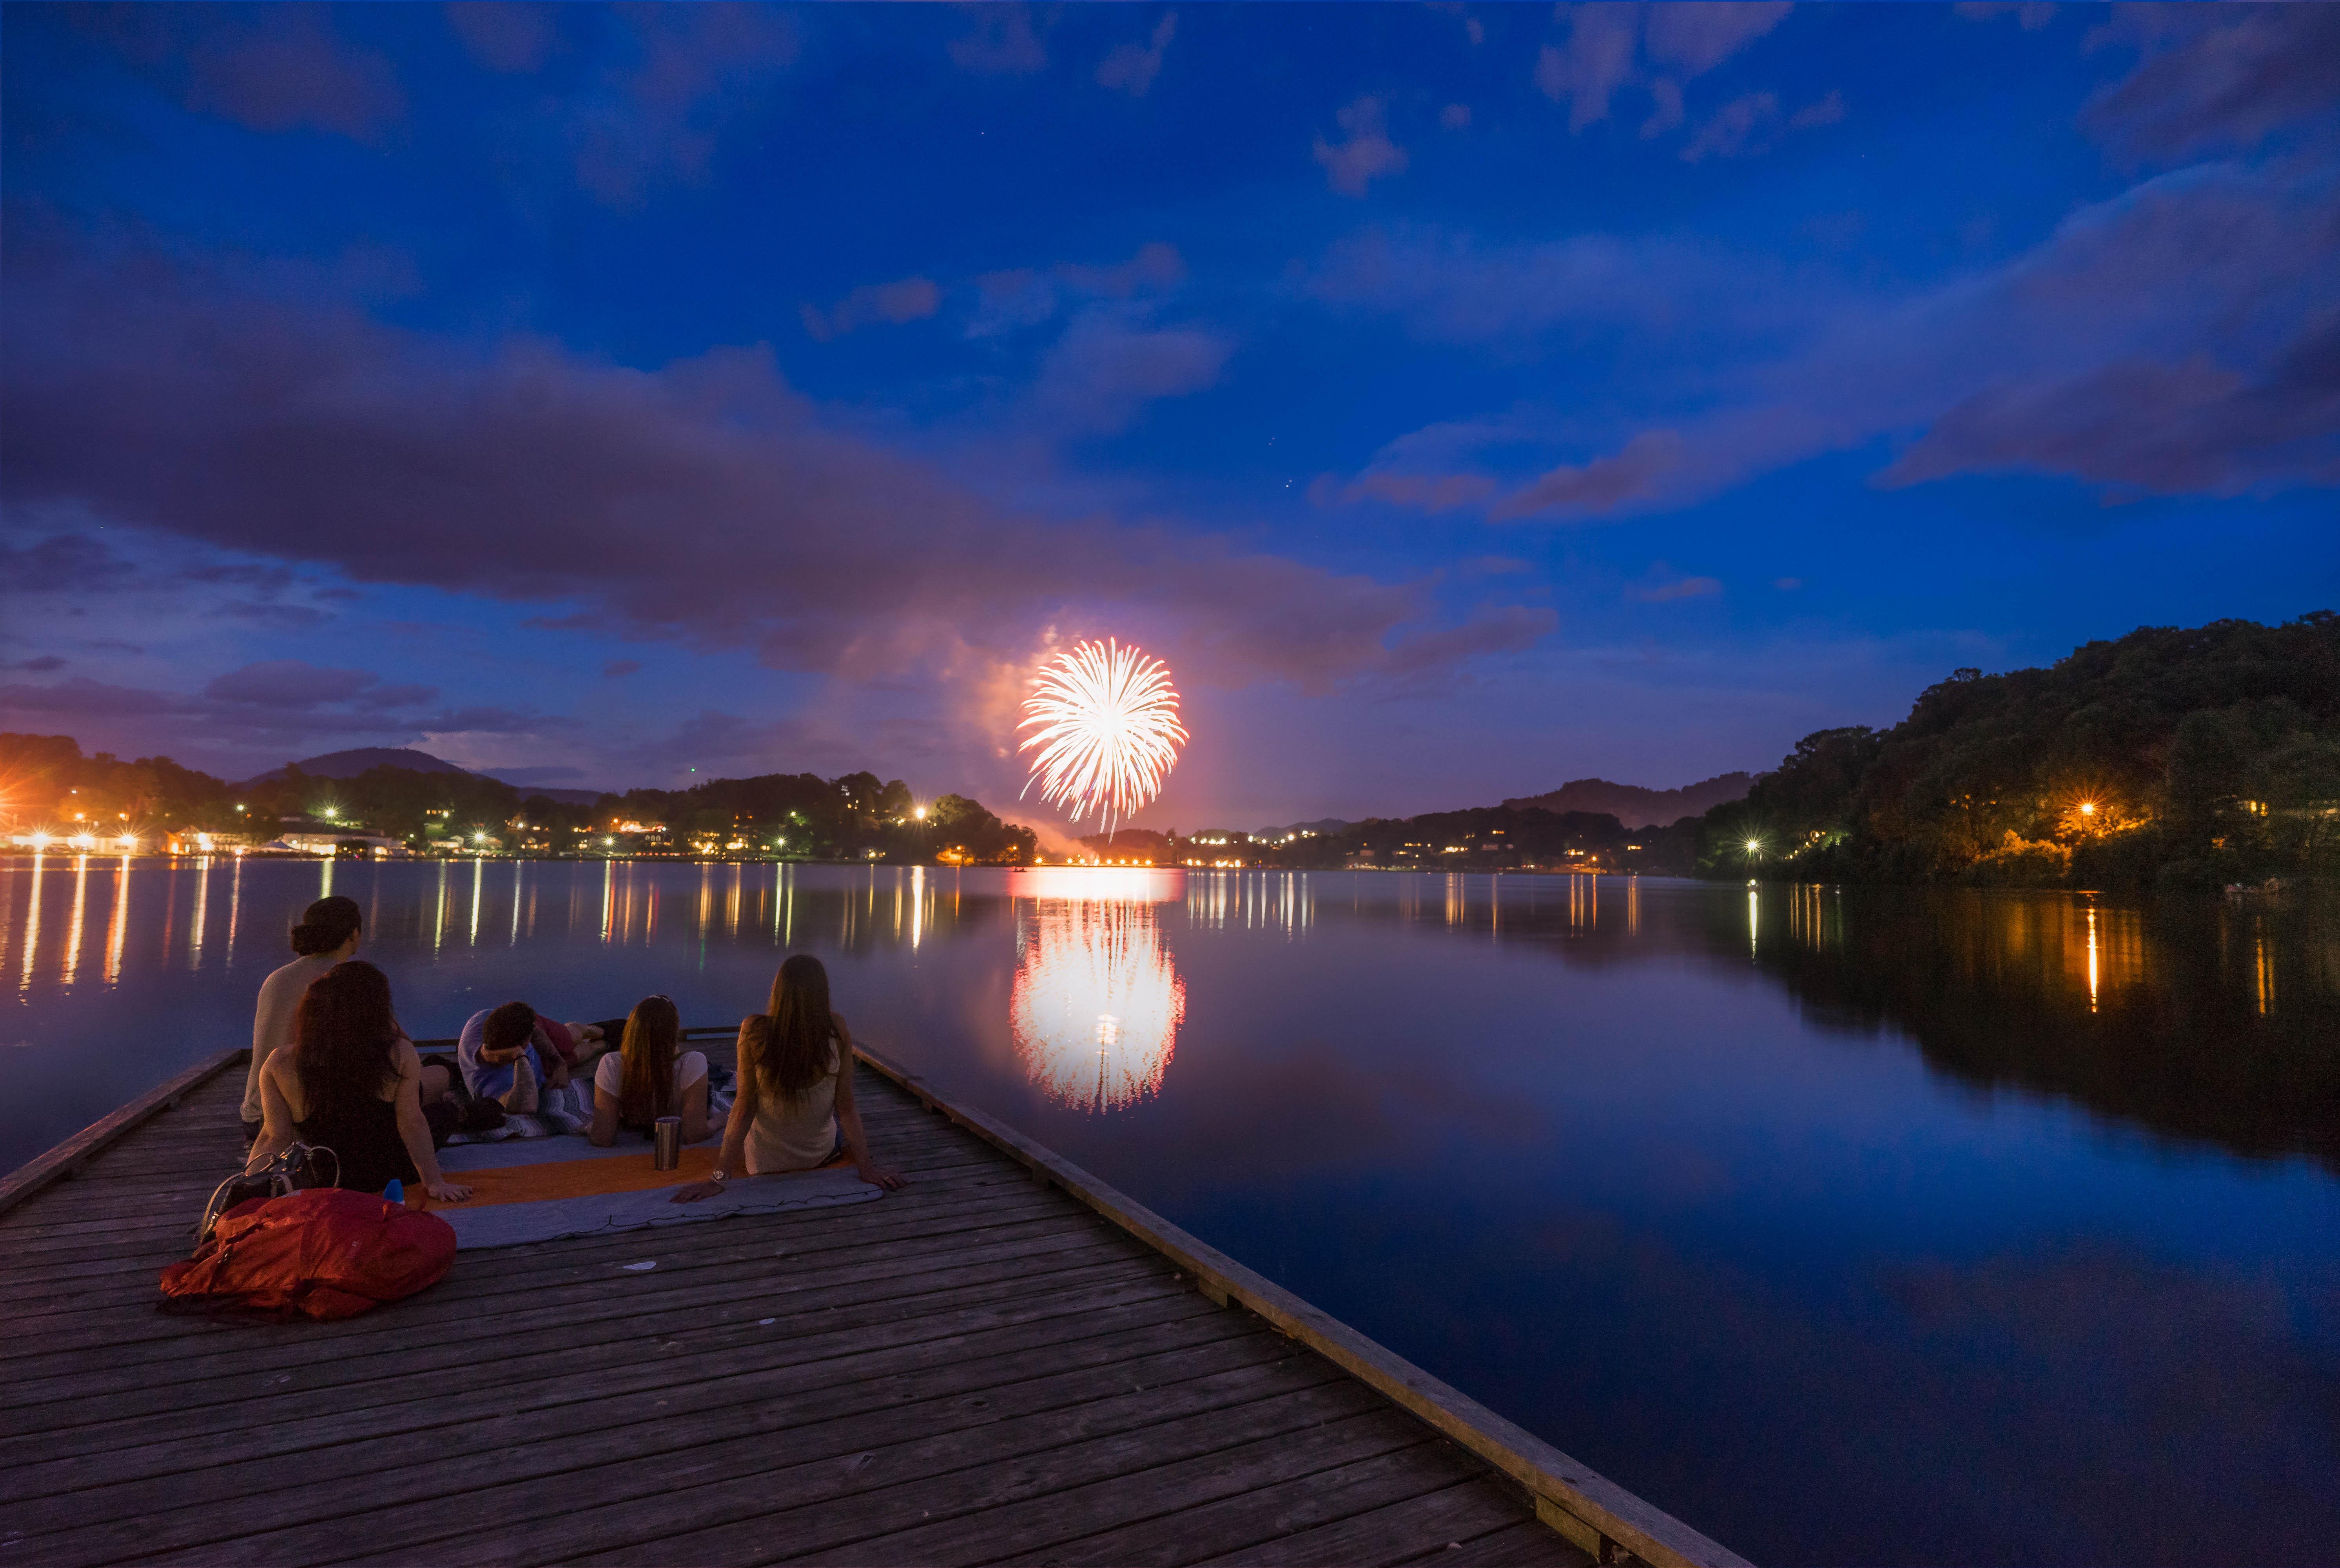 July 4th at Lake Junaluska